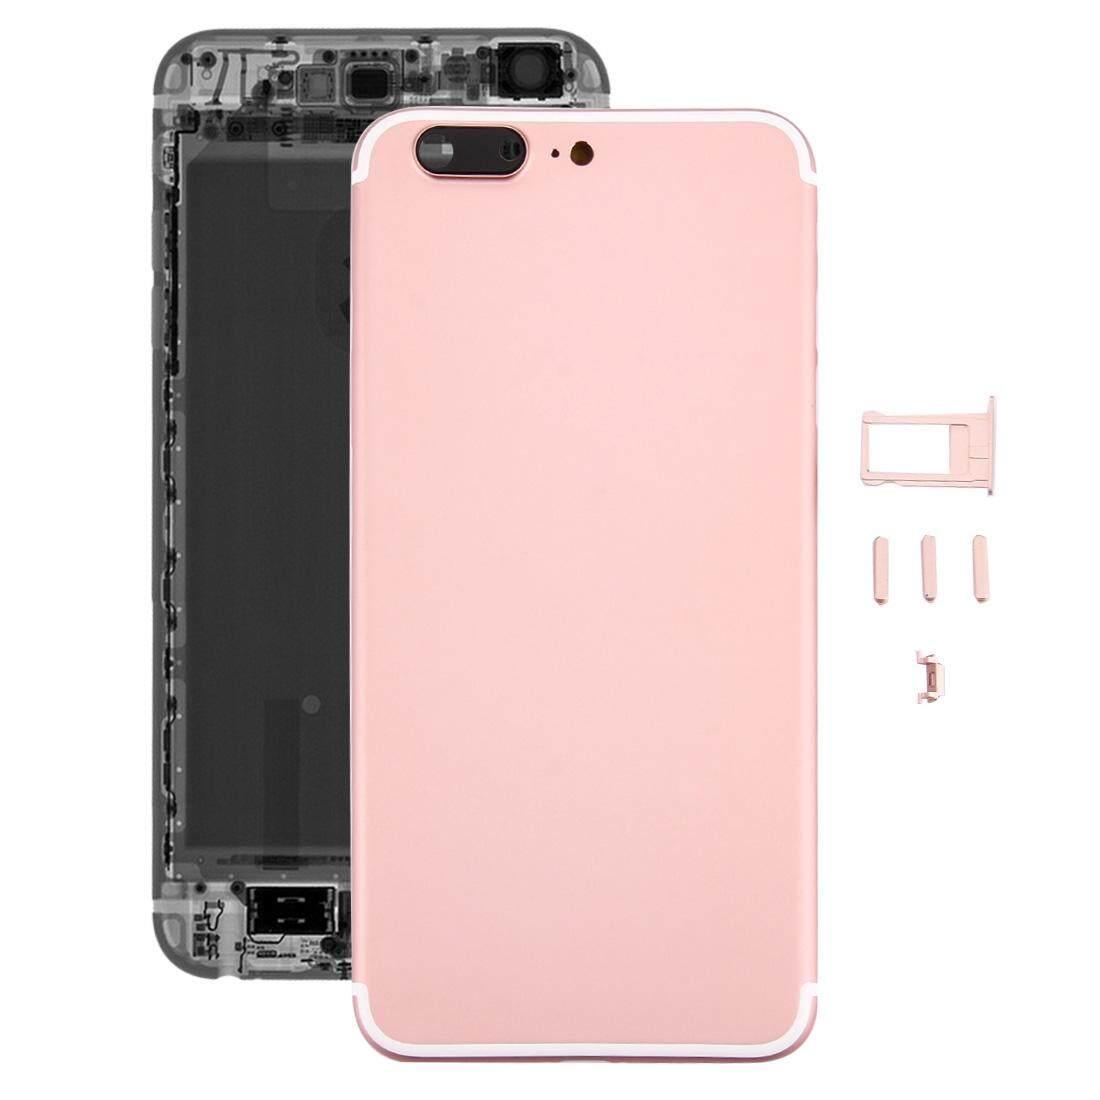 5 Dalam 1 Penuh Assembly Logam Kerangka Penutup dengan Penampilan Imitasi iPhone 7 Plus untuk iPhone 6 Plus, termasuk Sampul Belakang (Besar Lubang Kamera) & Baki Kartu & Tombol Kontrol & Daya & Saklar Diam Kunci, tidak Headphone Mendongkrak (Mawar Emas)